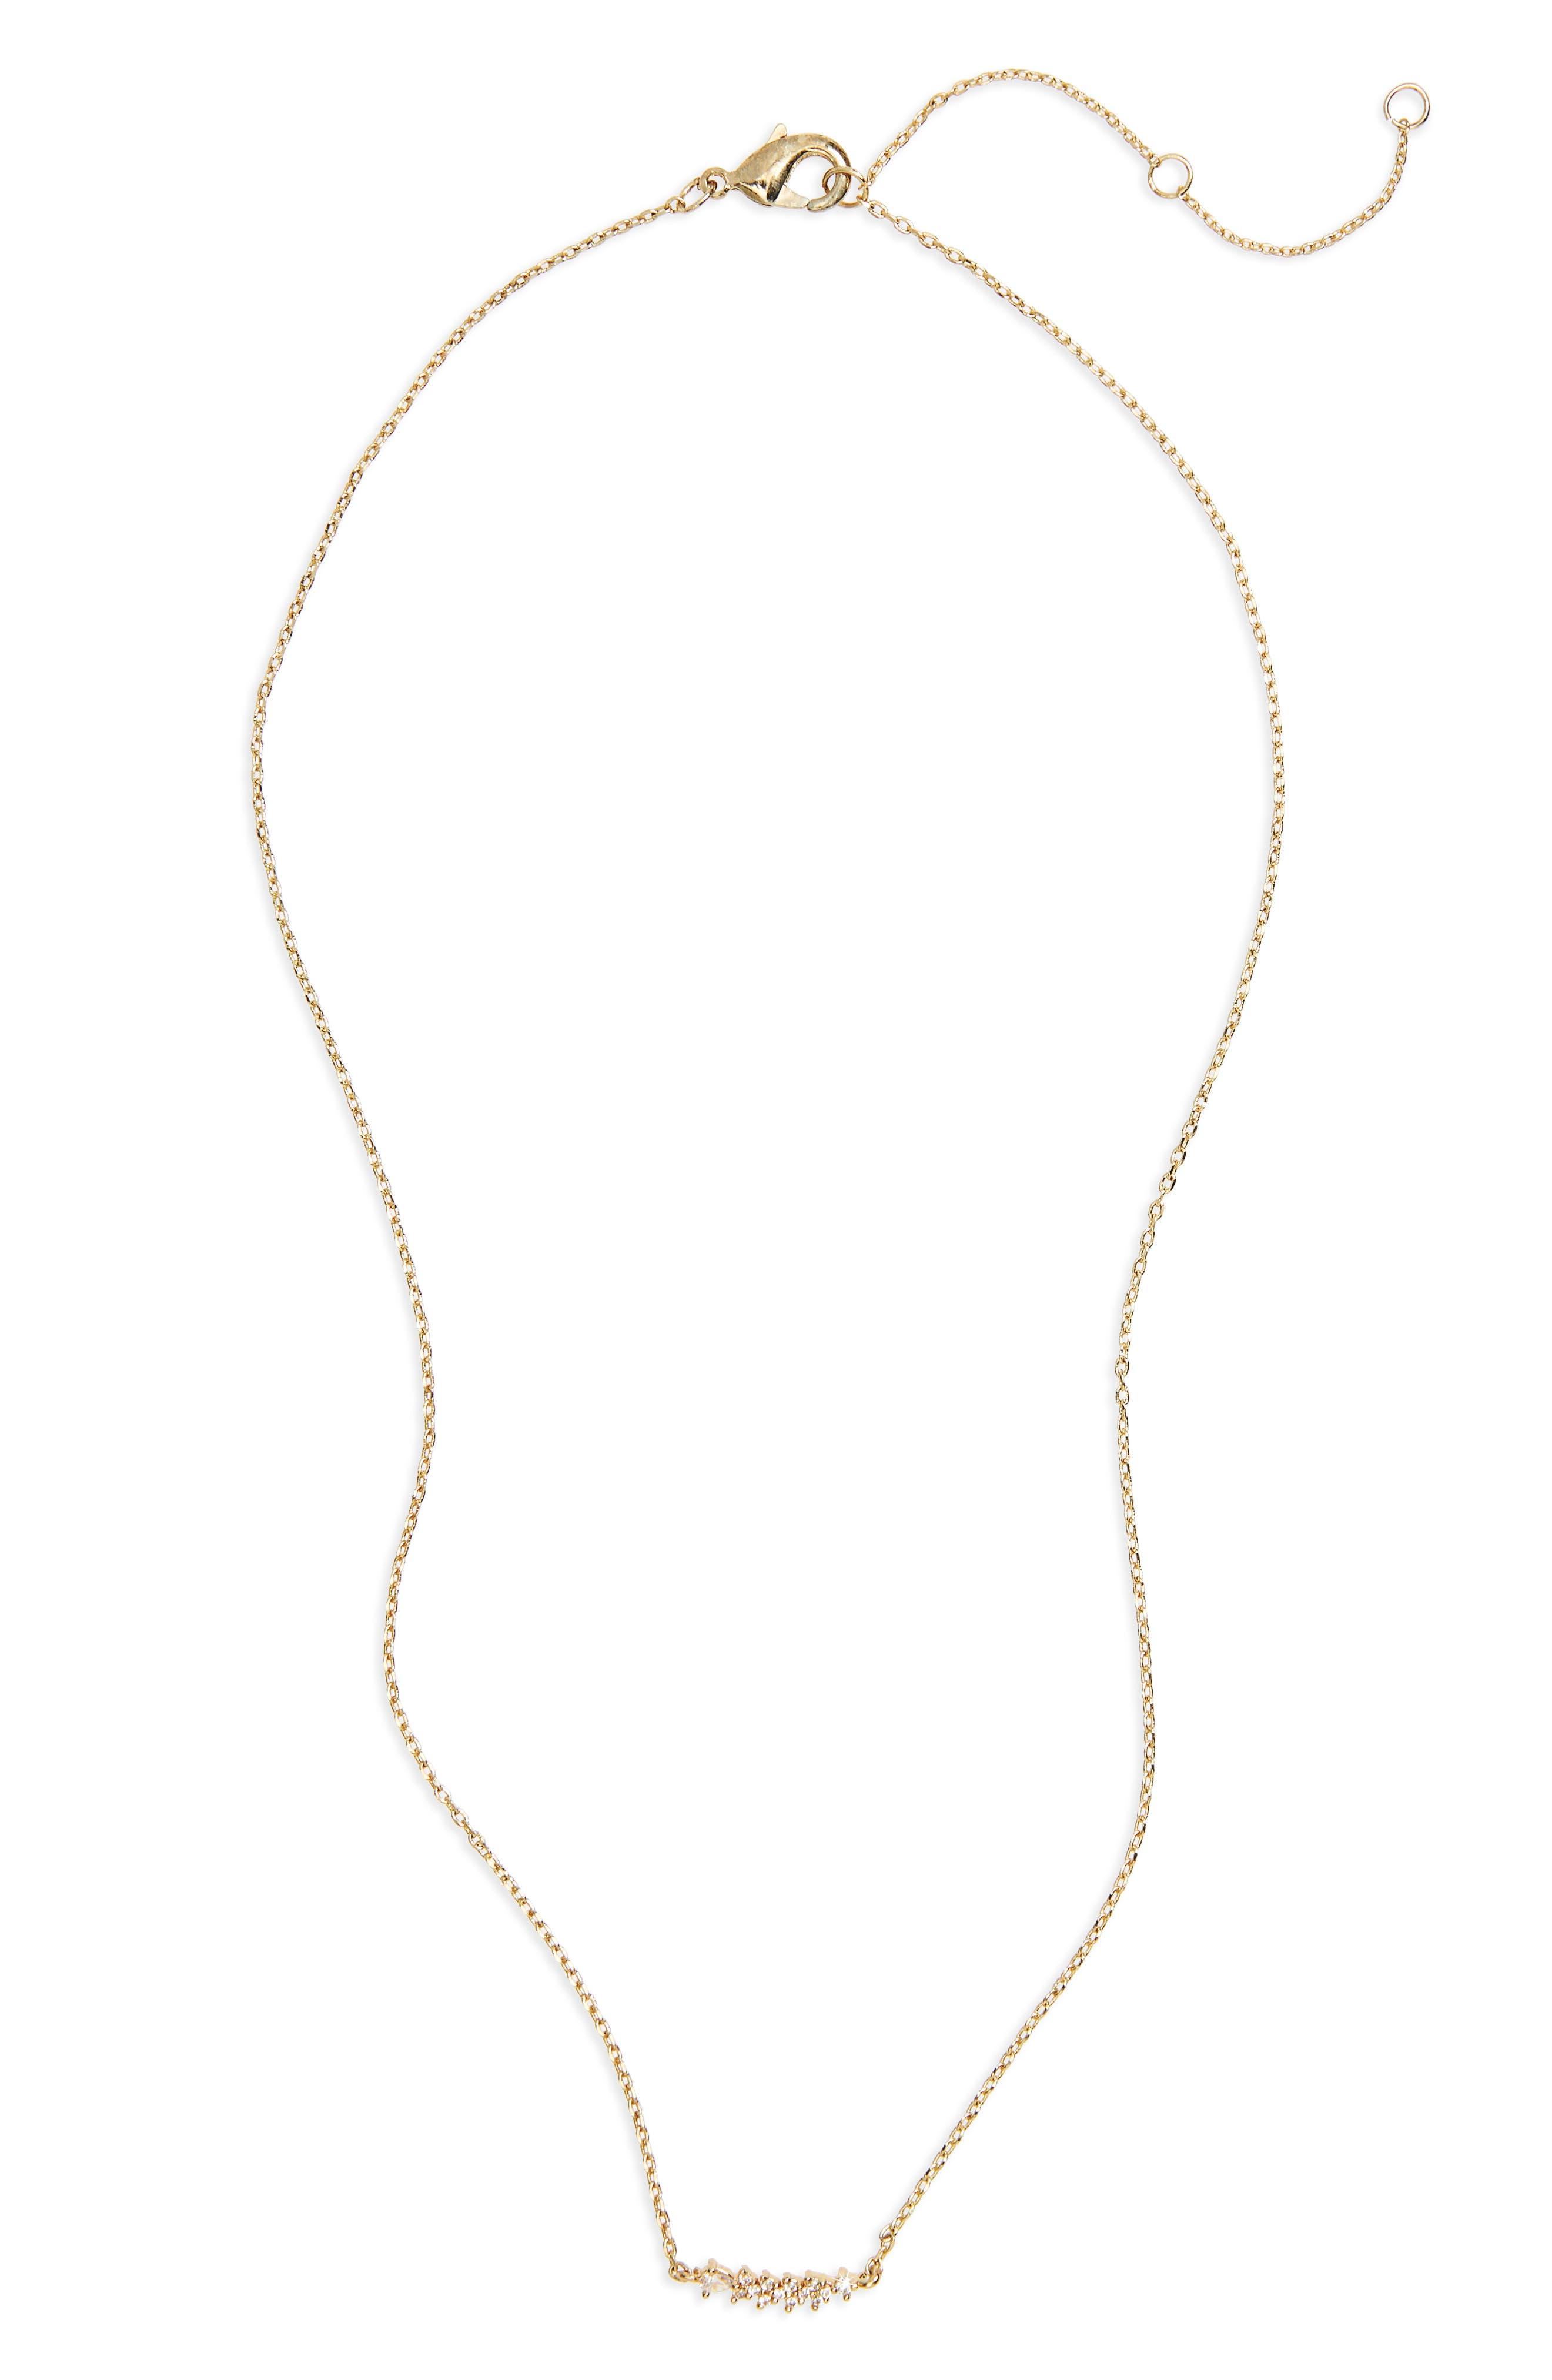 Cluster Pendant Necklace,                             Main thumbnail 1, color,                             710